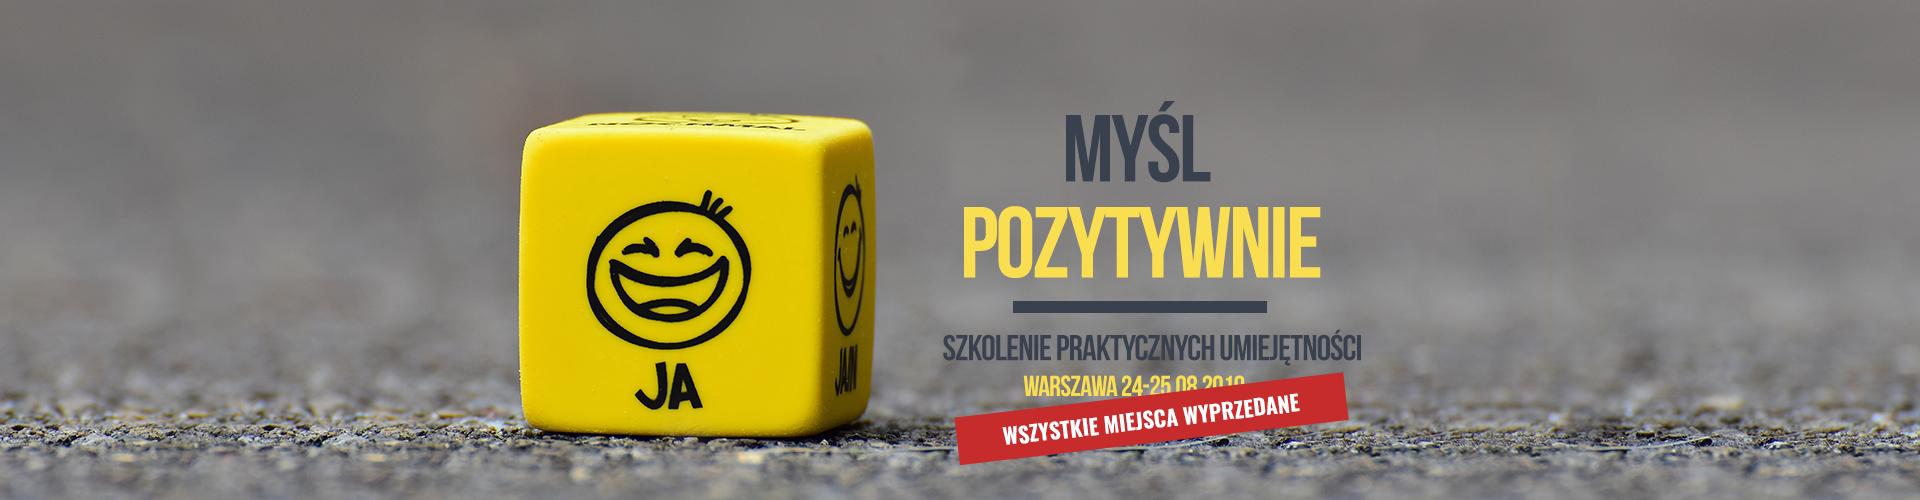 MYSL-POZYTYWNIE-4_1